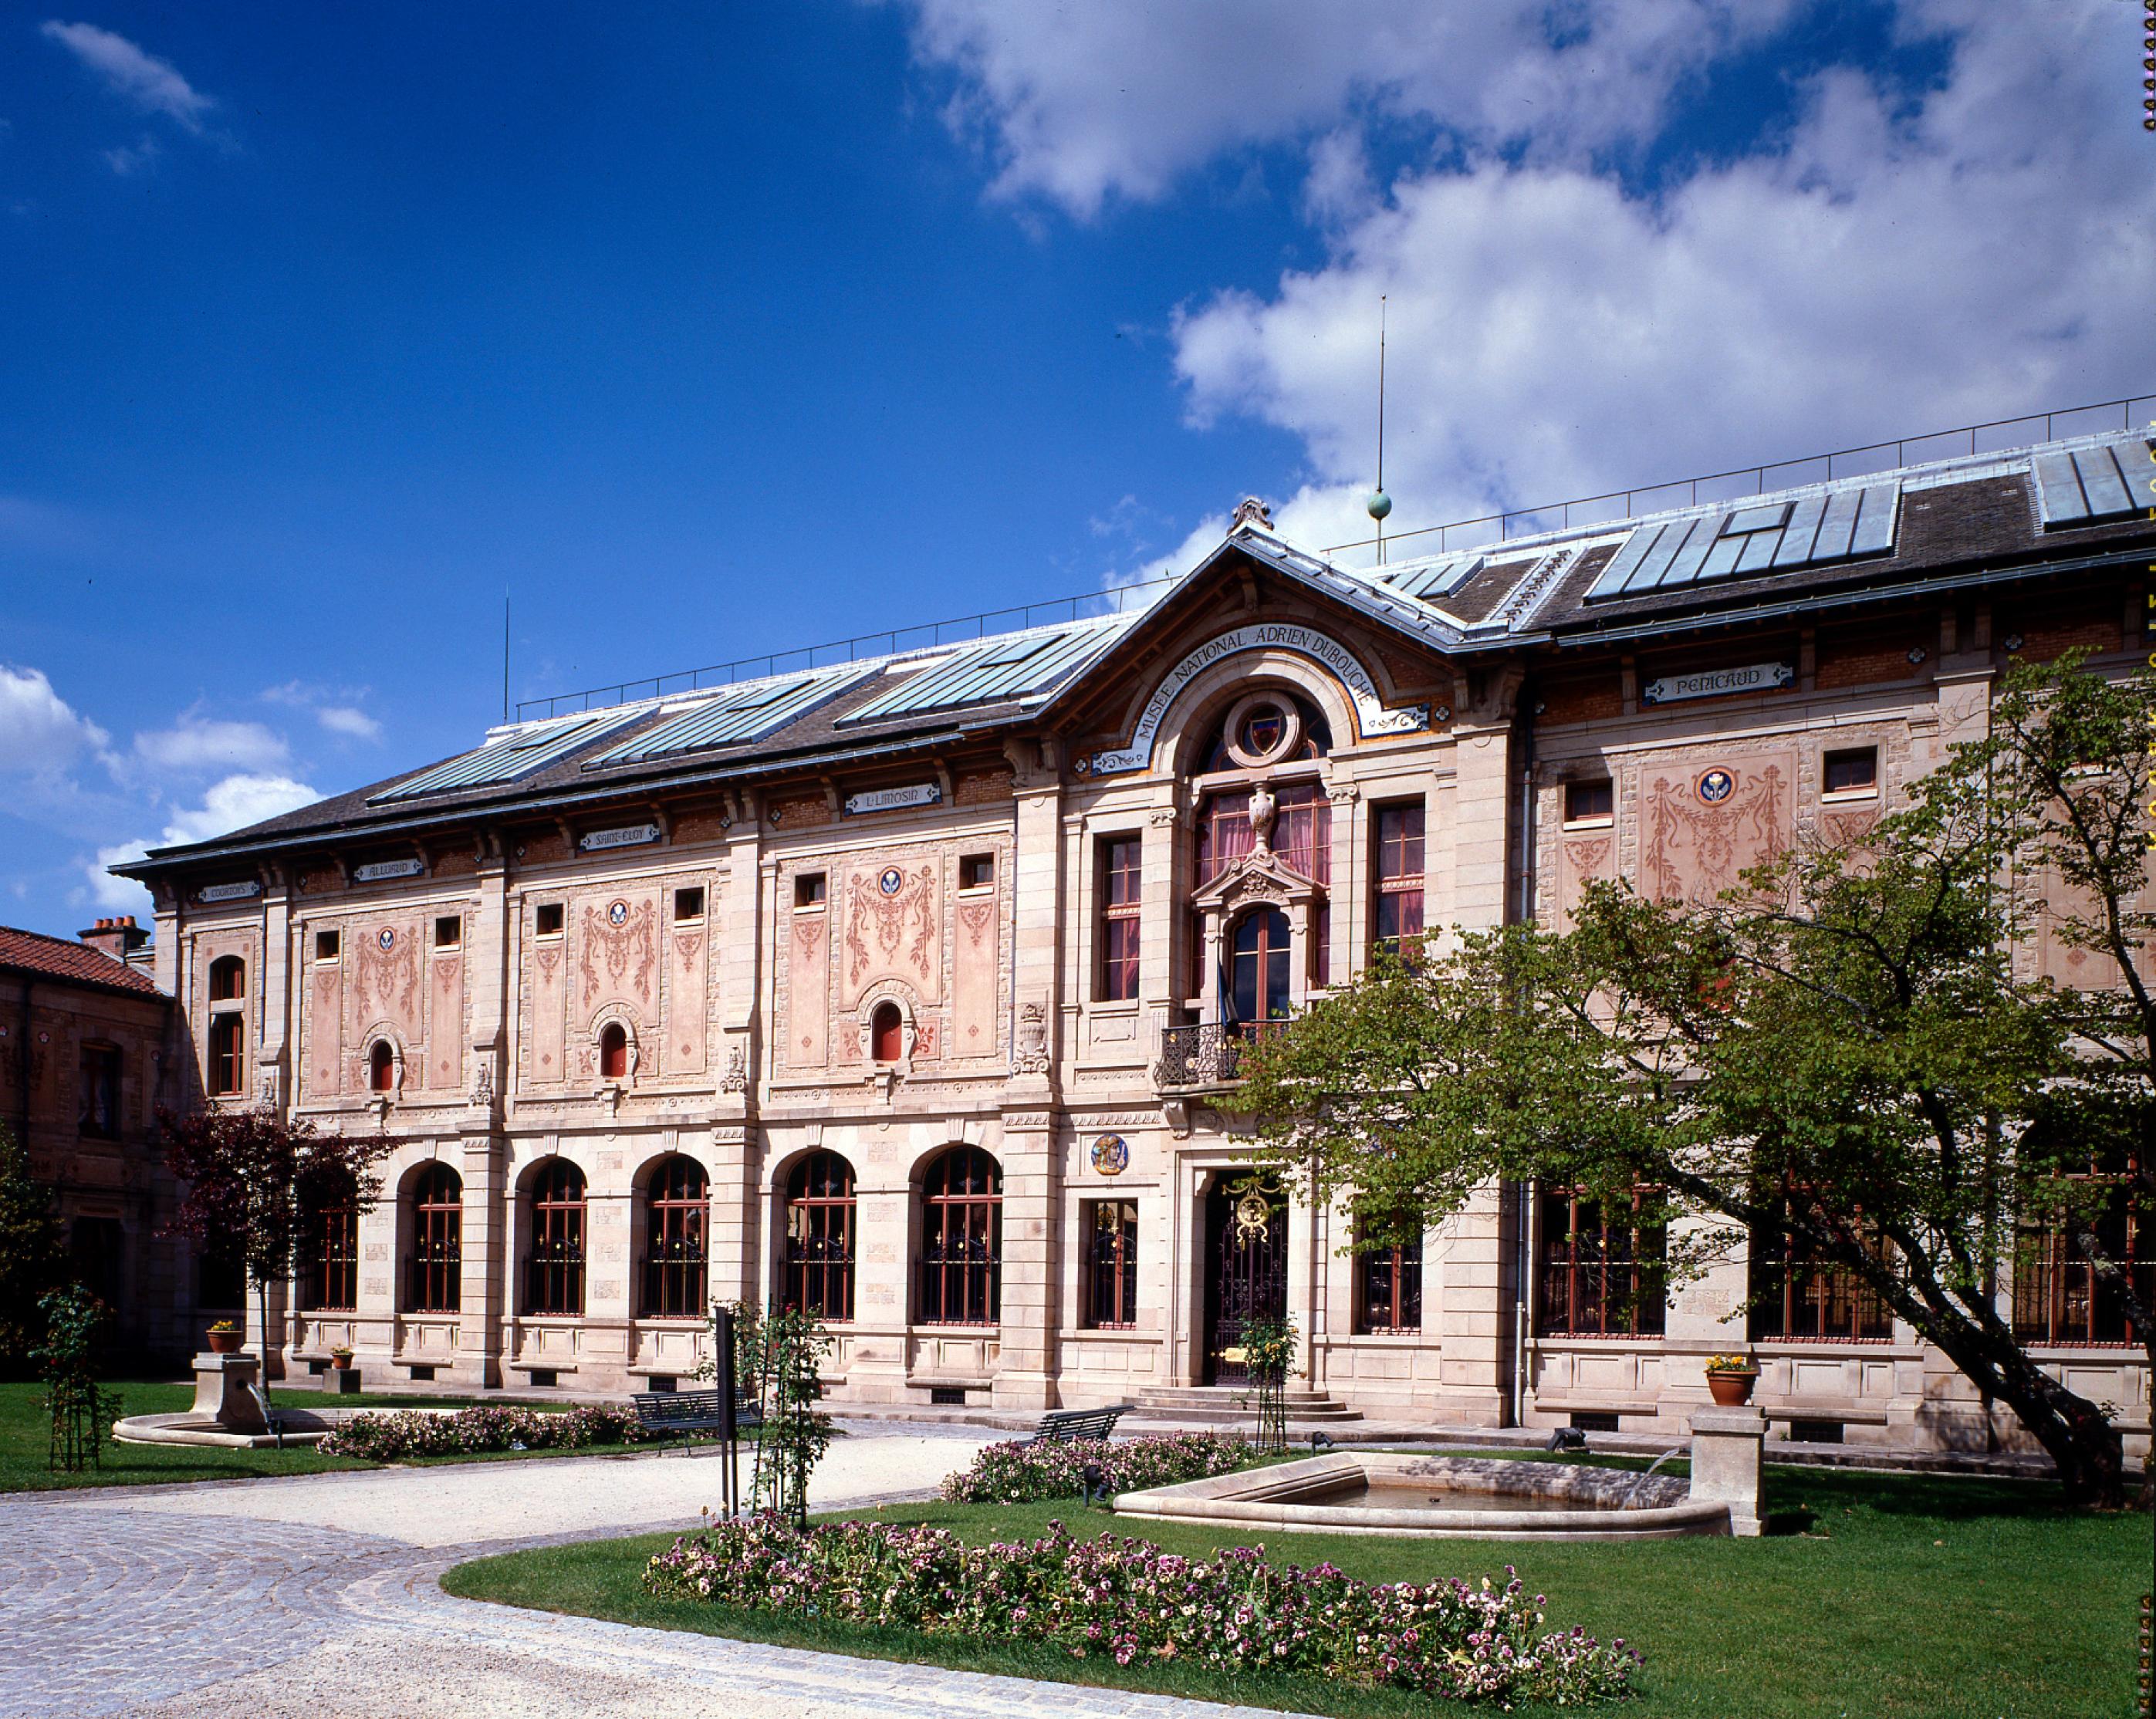 Musée national Adrien Dubouché, Limoges : Vue de la façade historique.